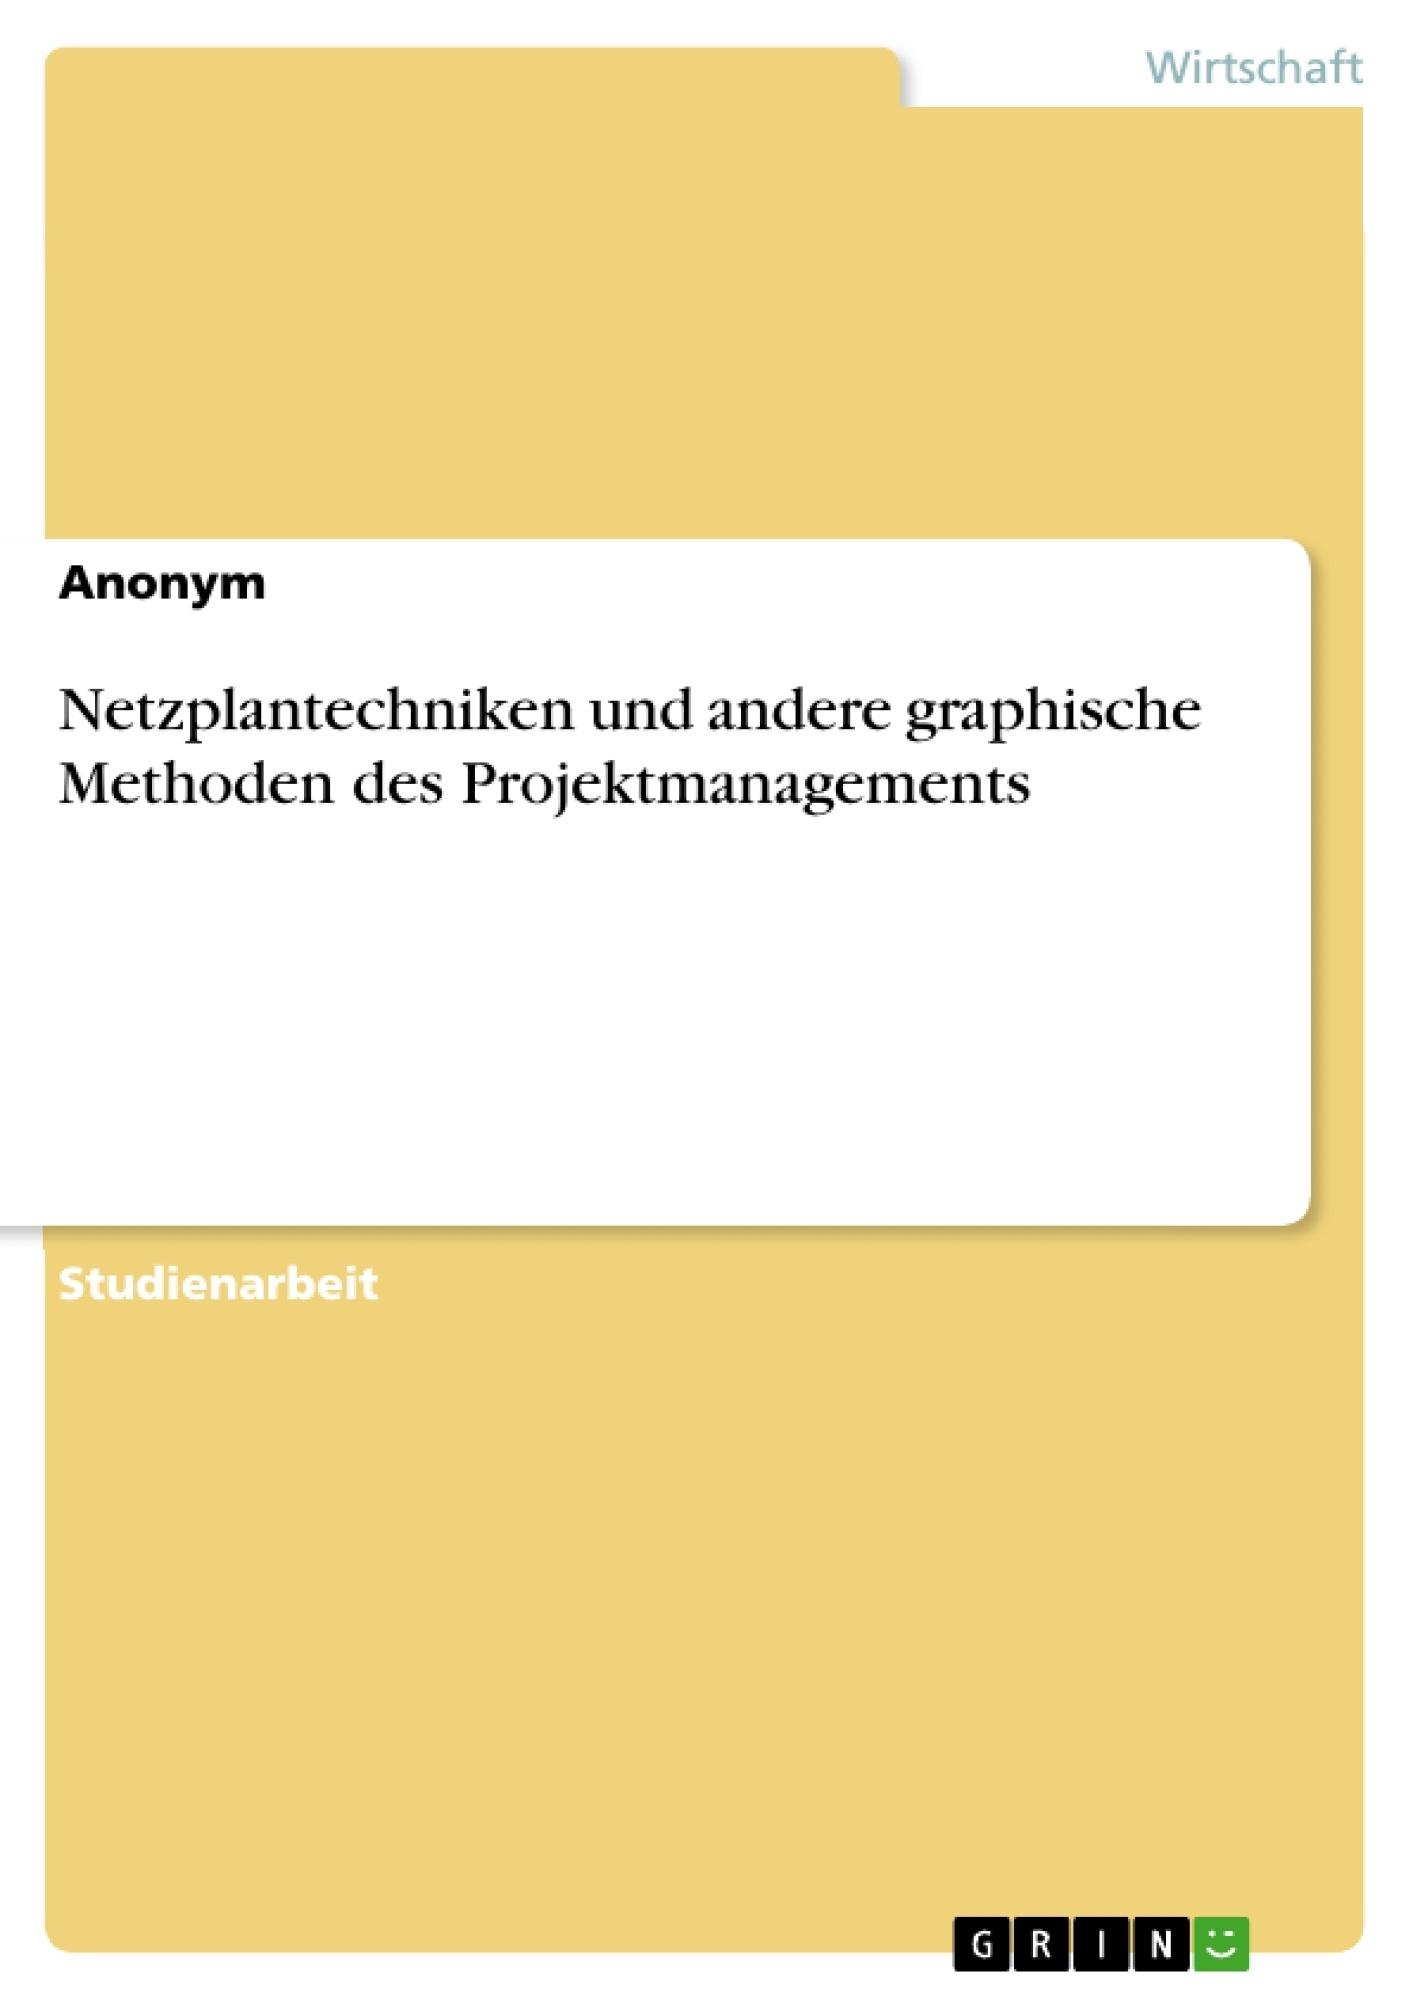 Titel: Netzplantechniken und andere graphische Methoden des Projektmanagements